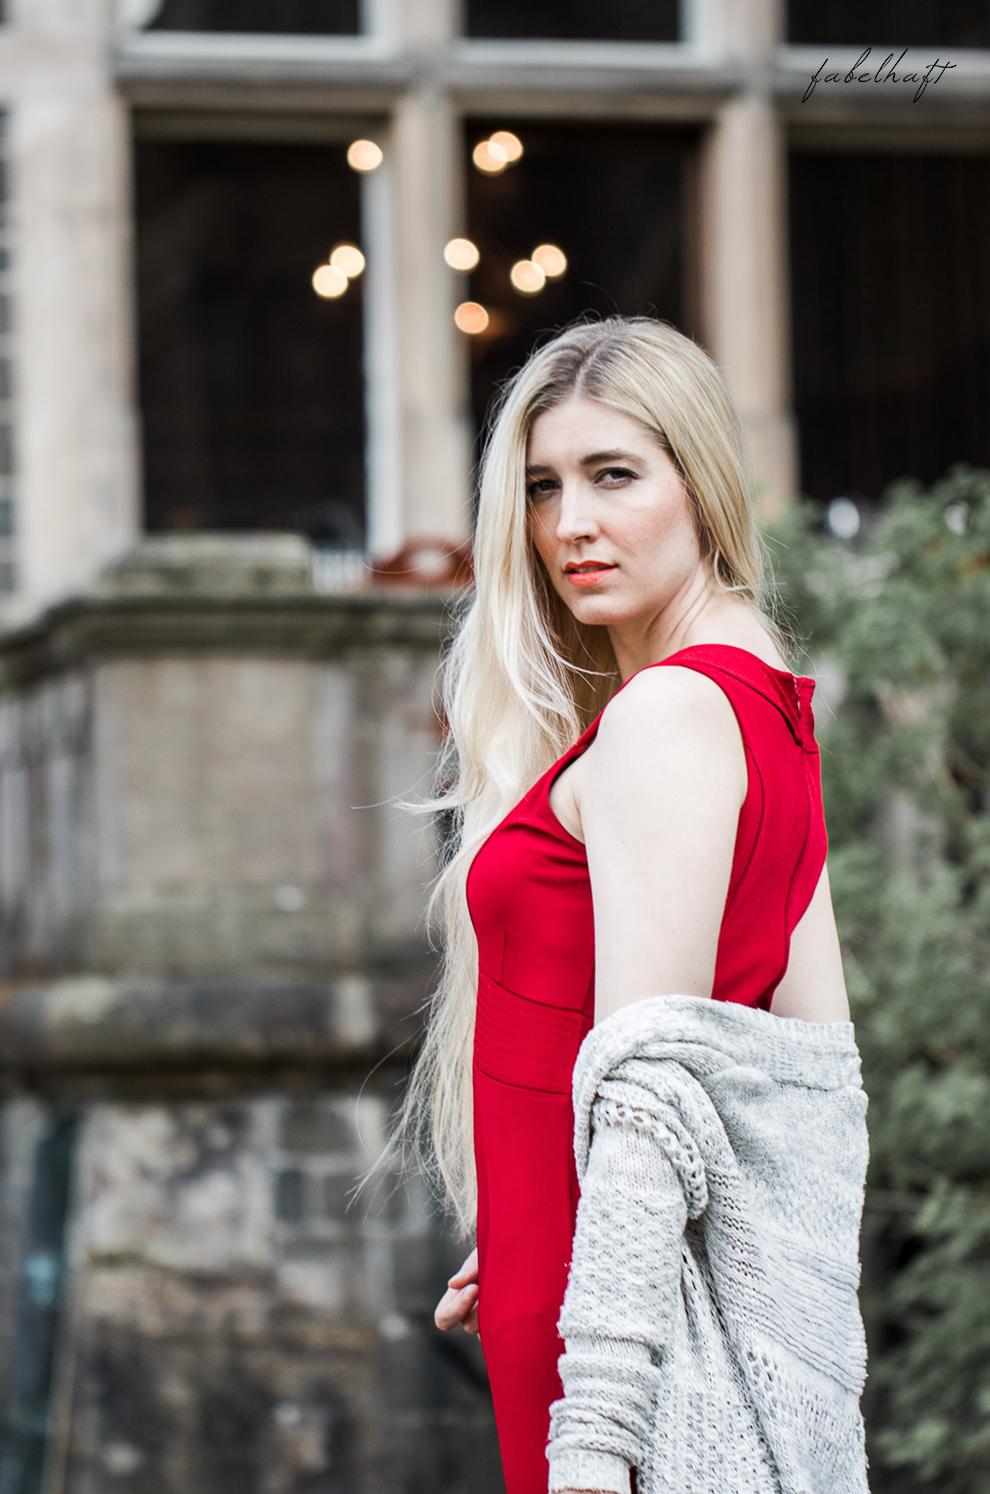 Midikleid Red dress Rotes Kleid V Ausschnitt Blond Mode ...